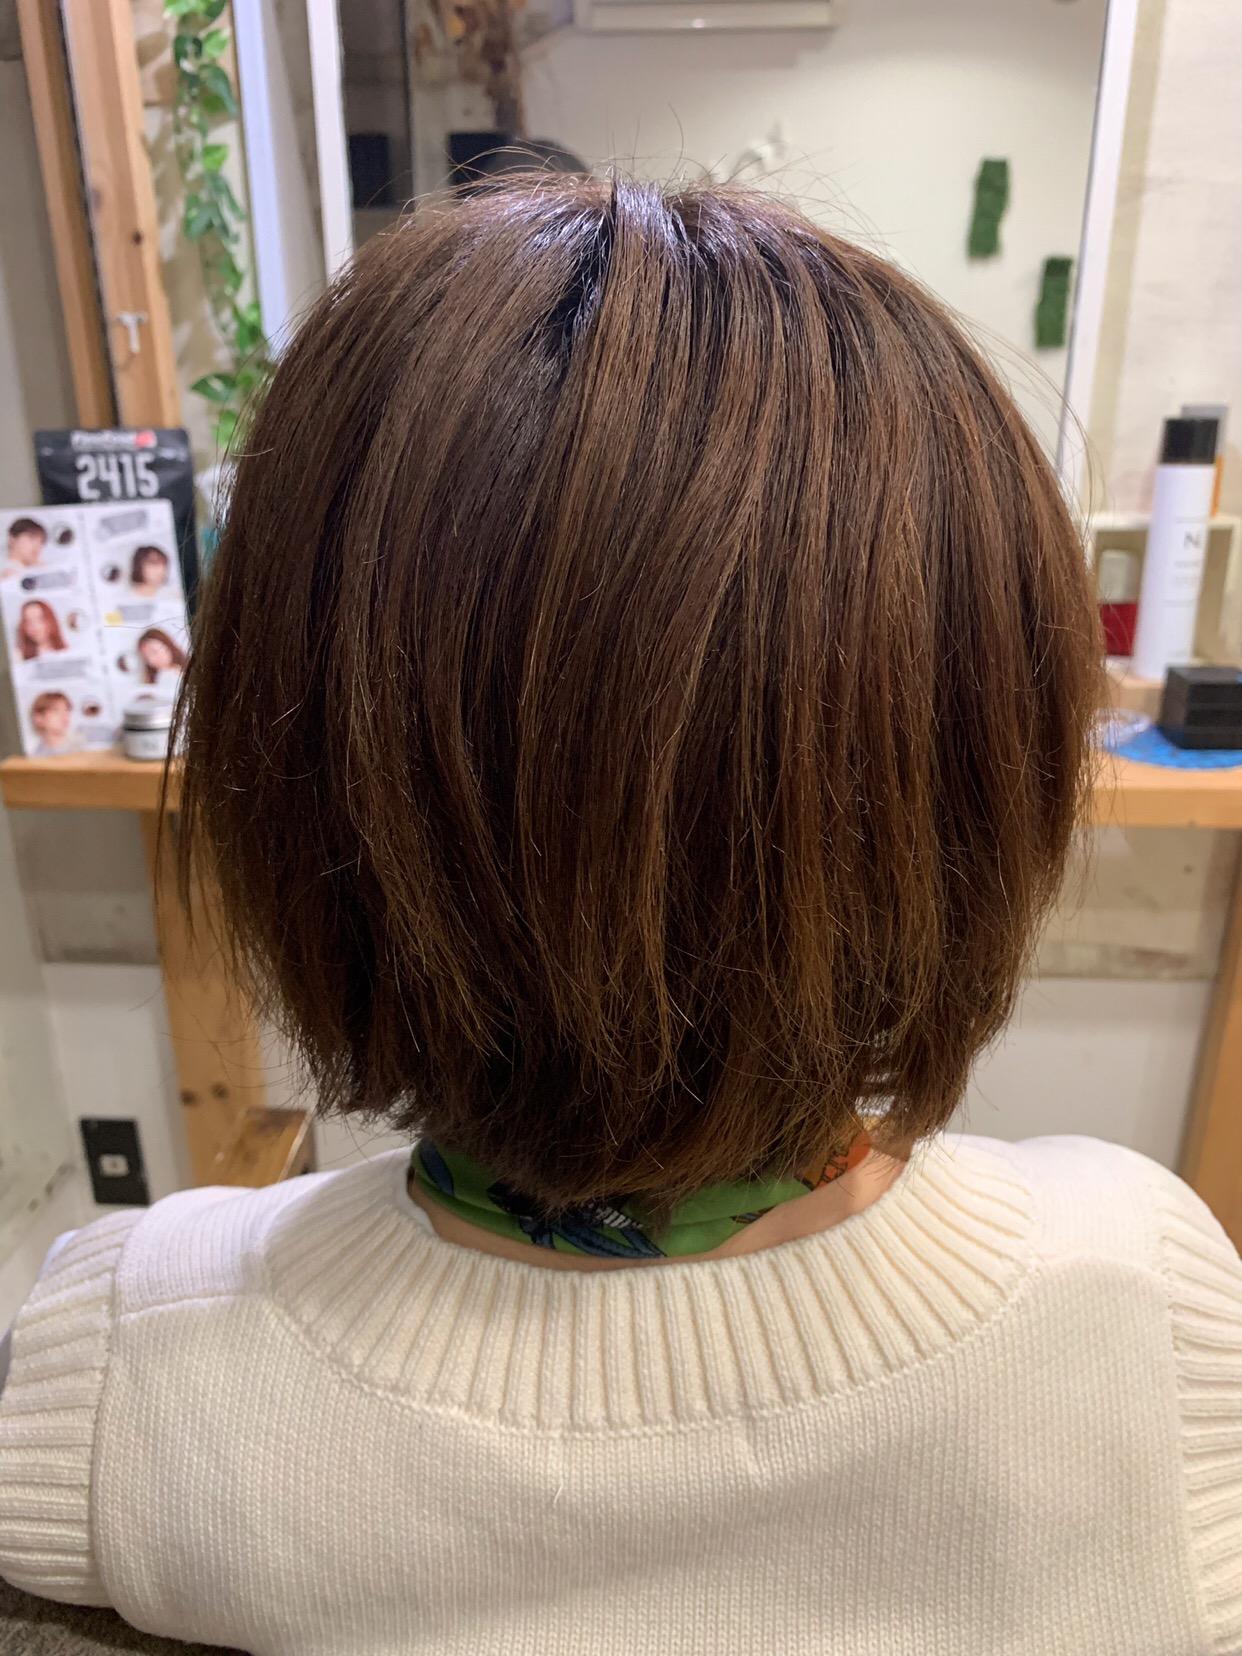 ジュエリーシステム×LULUトリートメント×縮毛矯正で艶髪ボブ。原宿・表参道『1000人をツヤ髪にヘアケア美容師の挑戦』